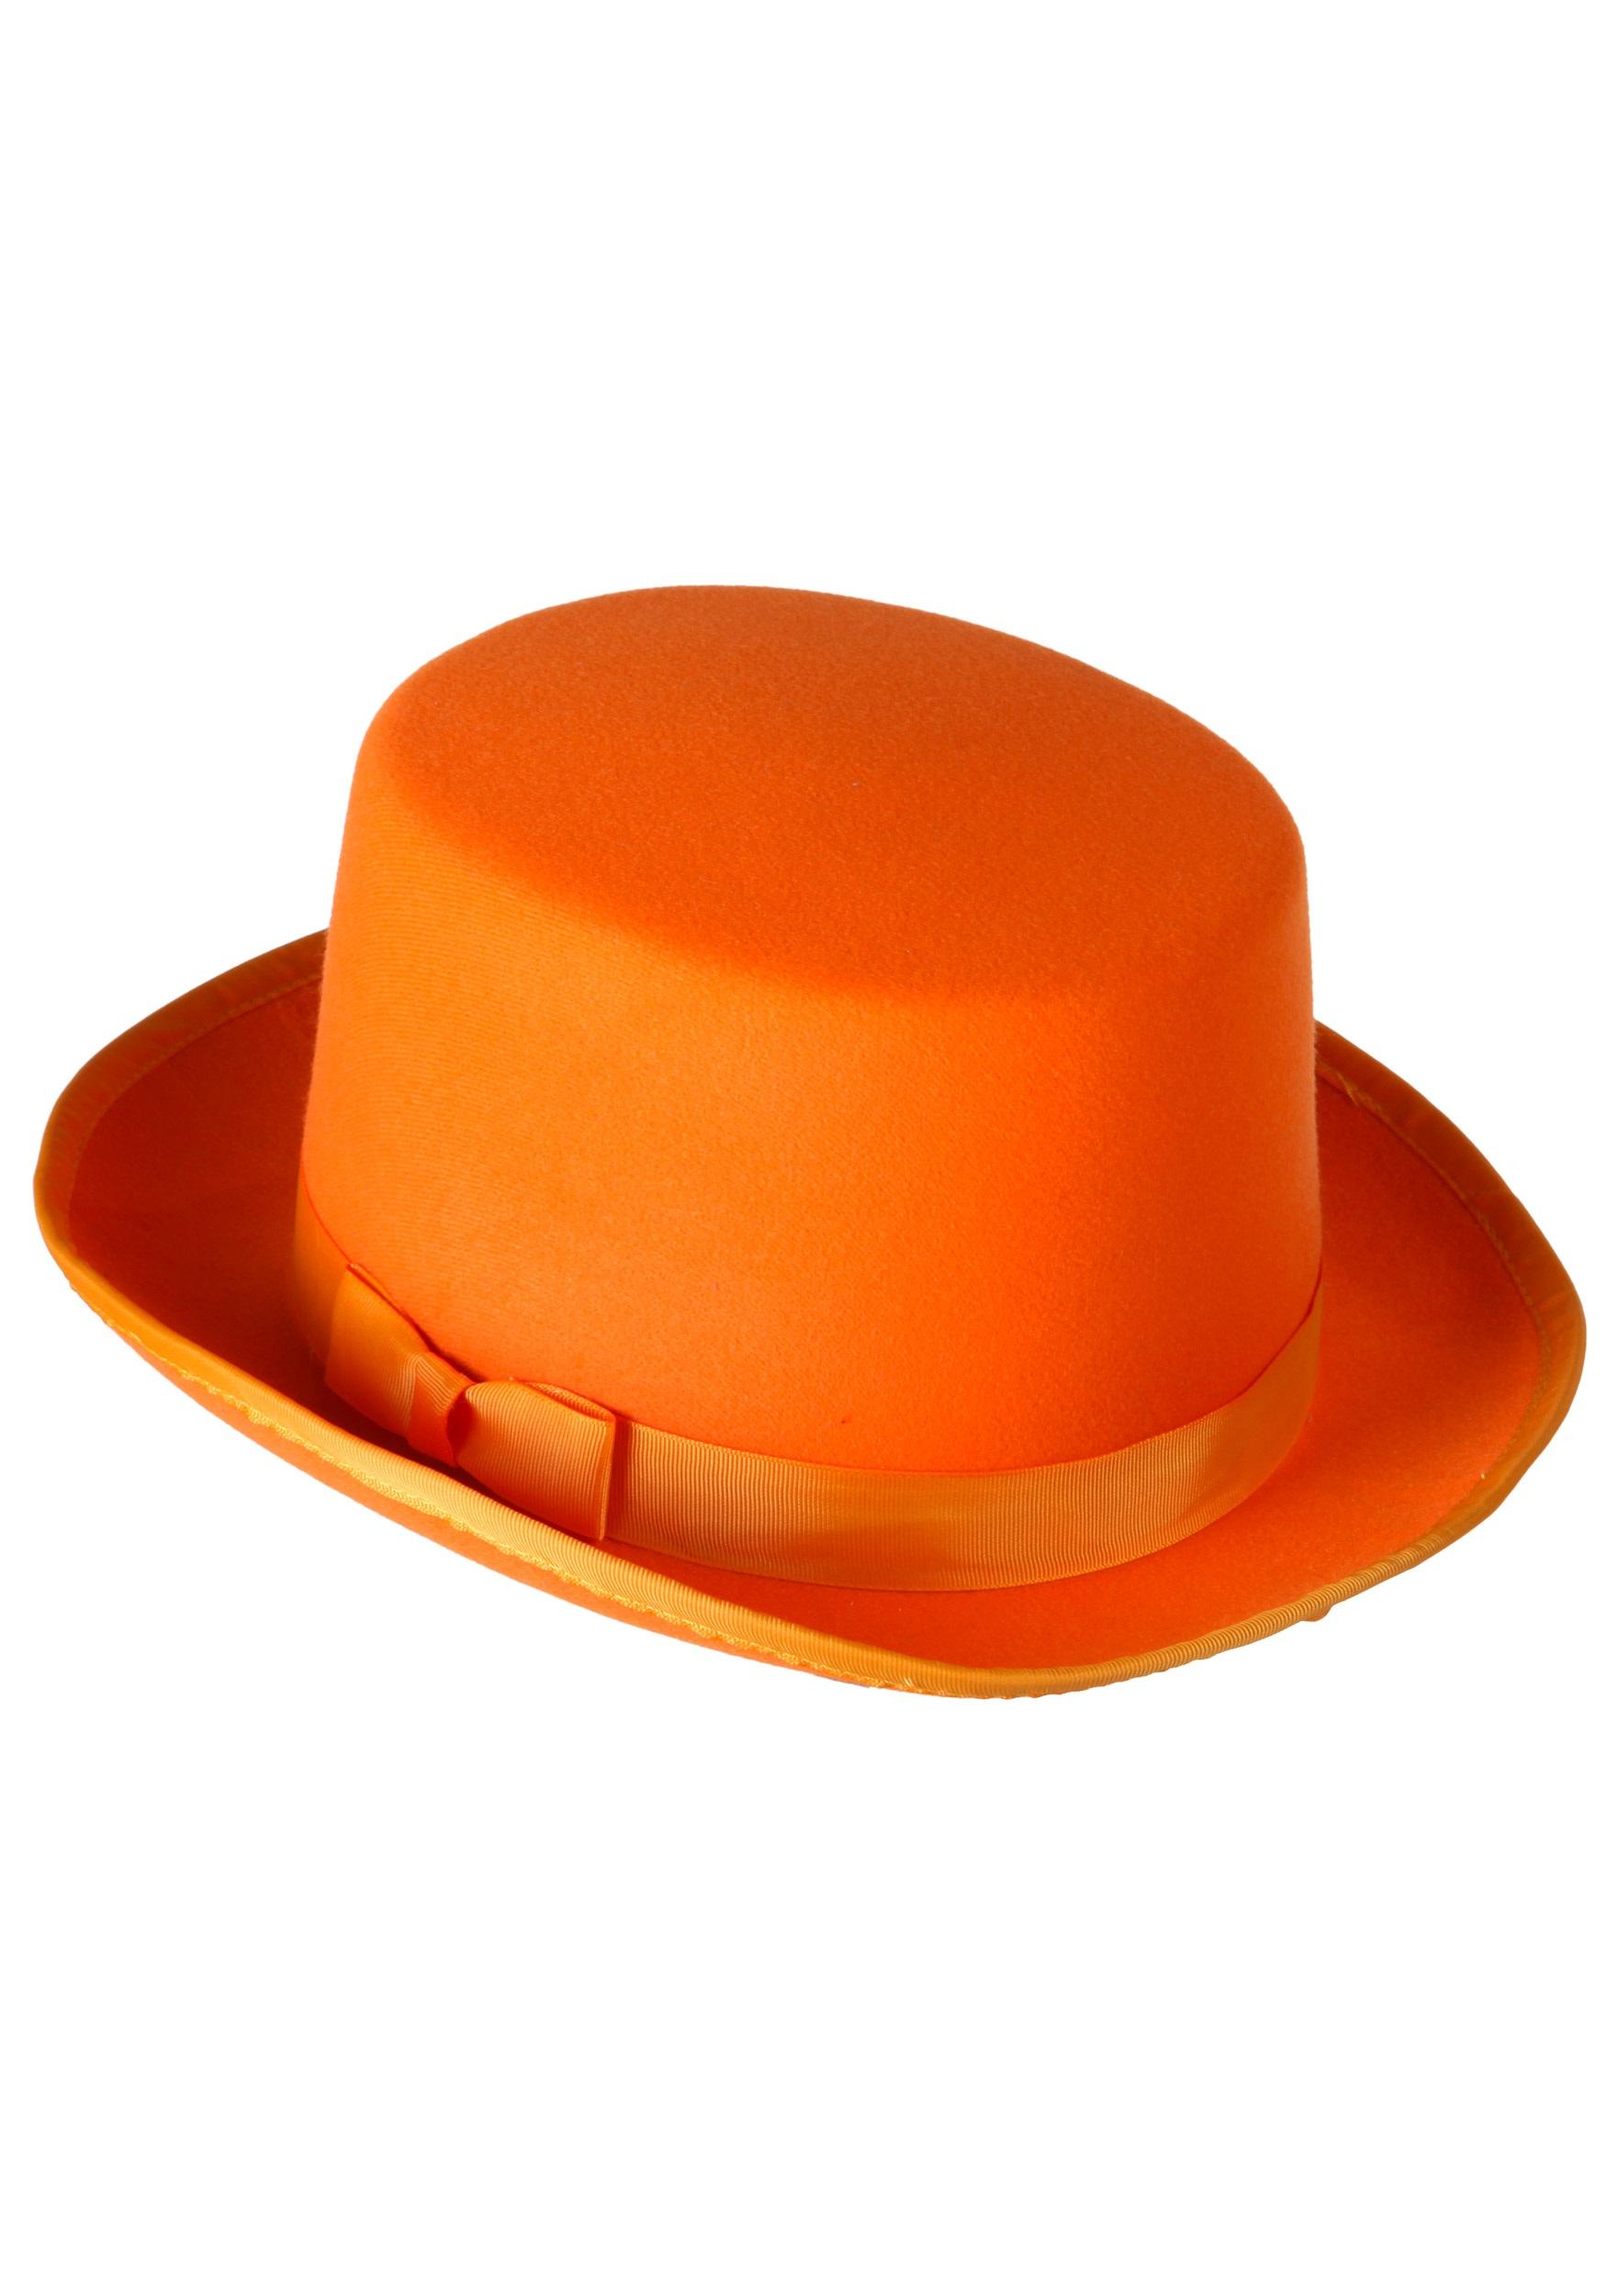 Orange_Fancy_Dress_Costume_Tuxedo_Top_Hat